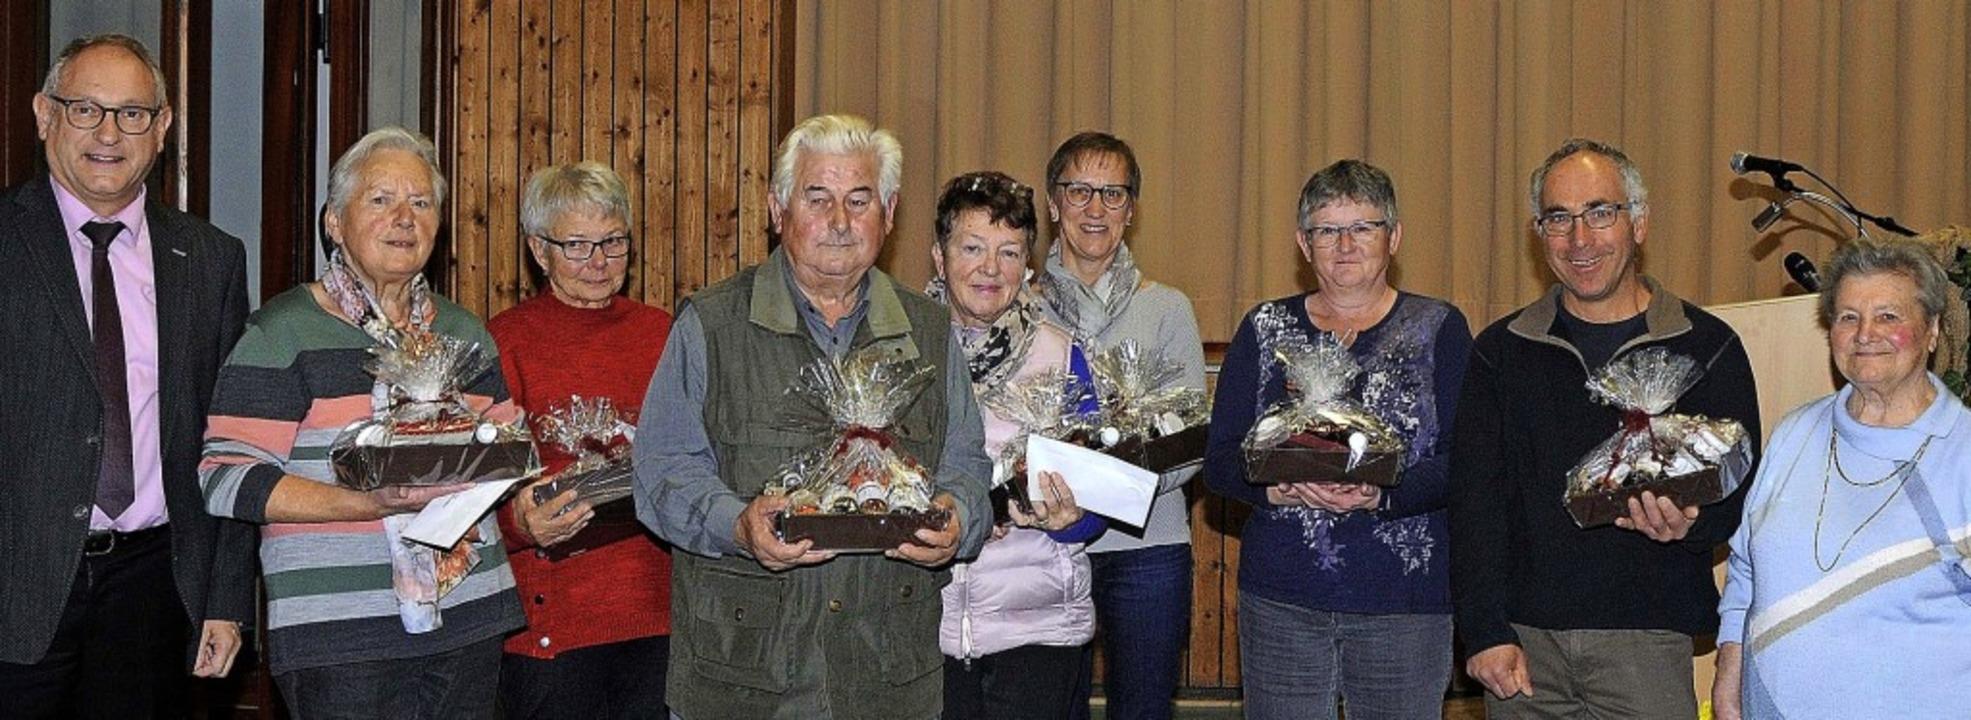 Sie sorgen ehrenamtlich für die öffent...Ortsvorsteher Michael Jäckle (links).     Foto: Bettina Schaller